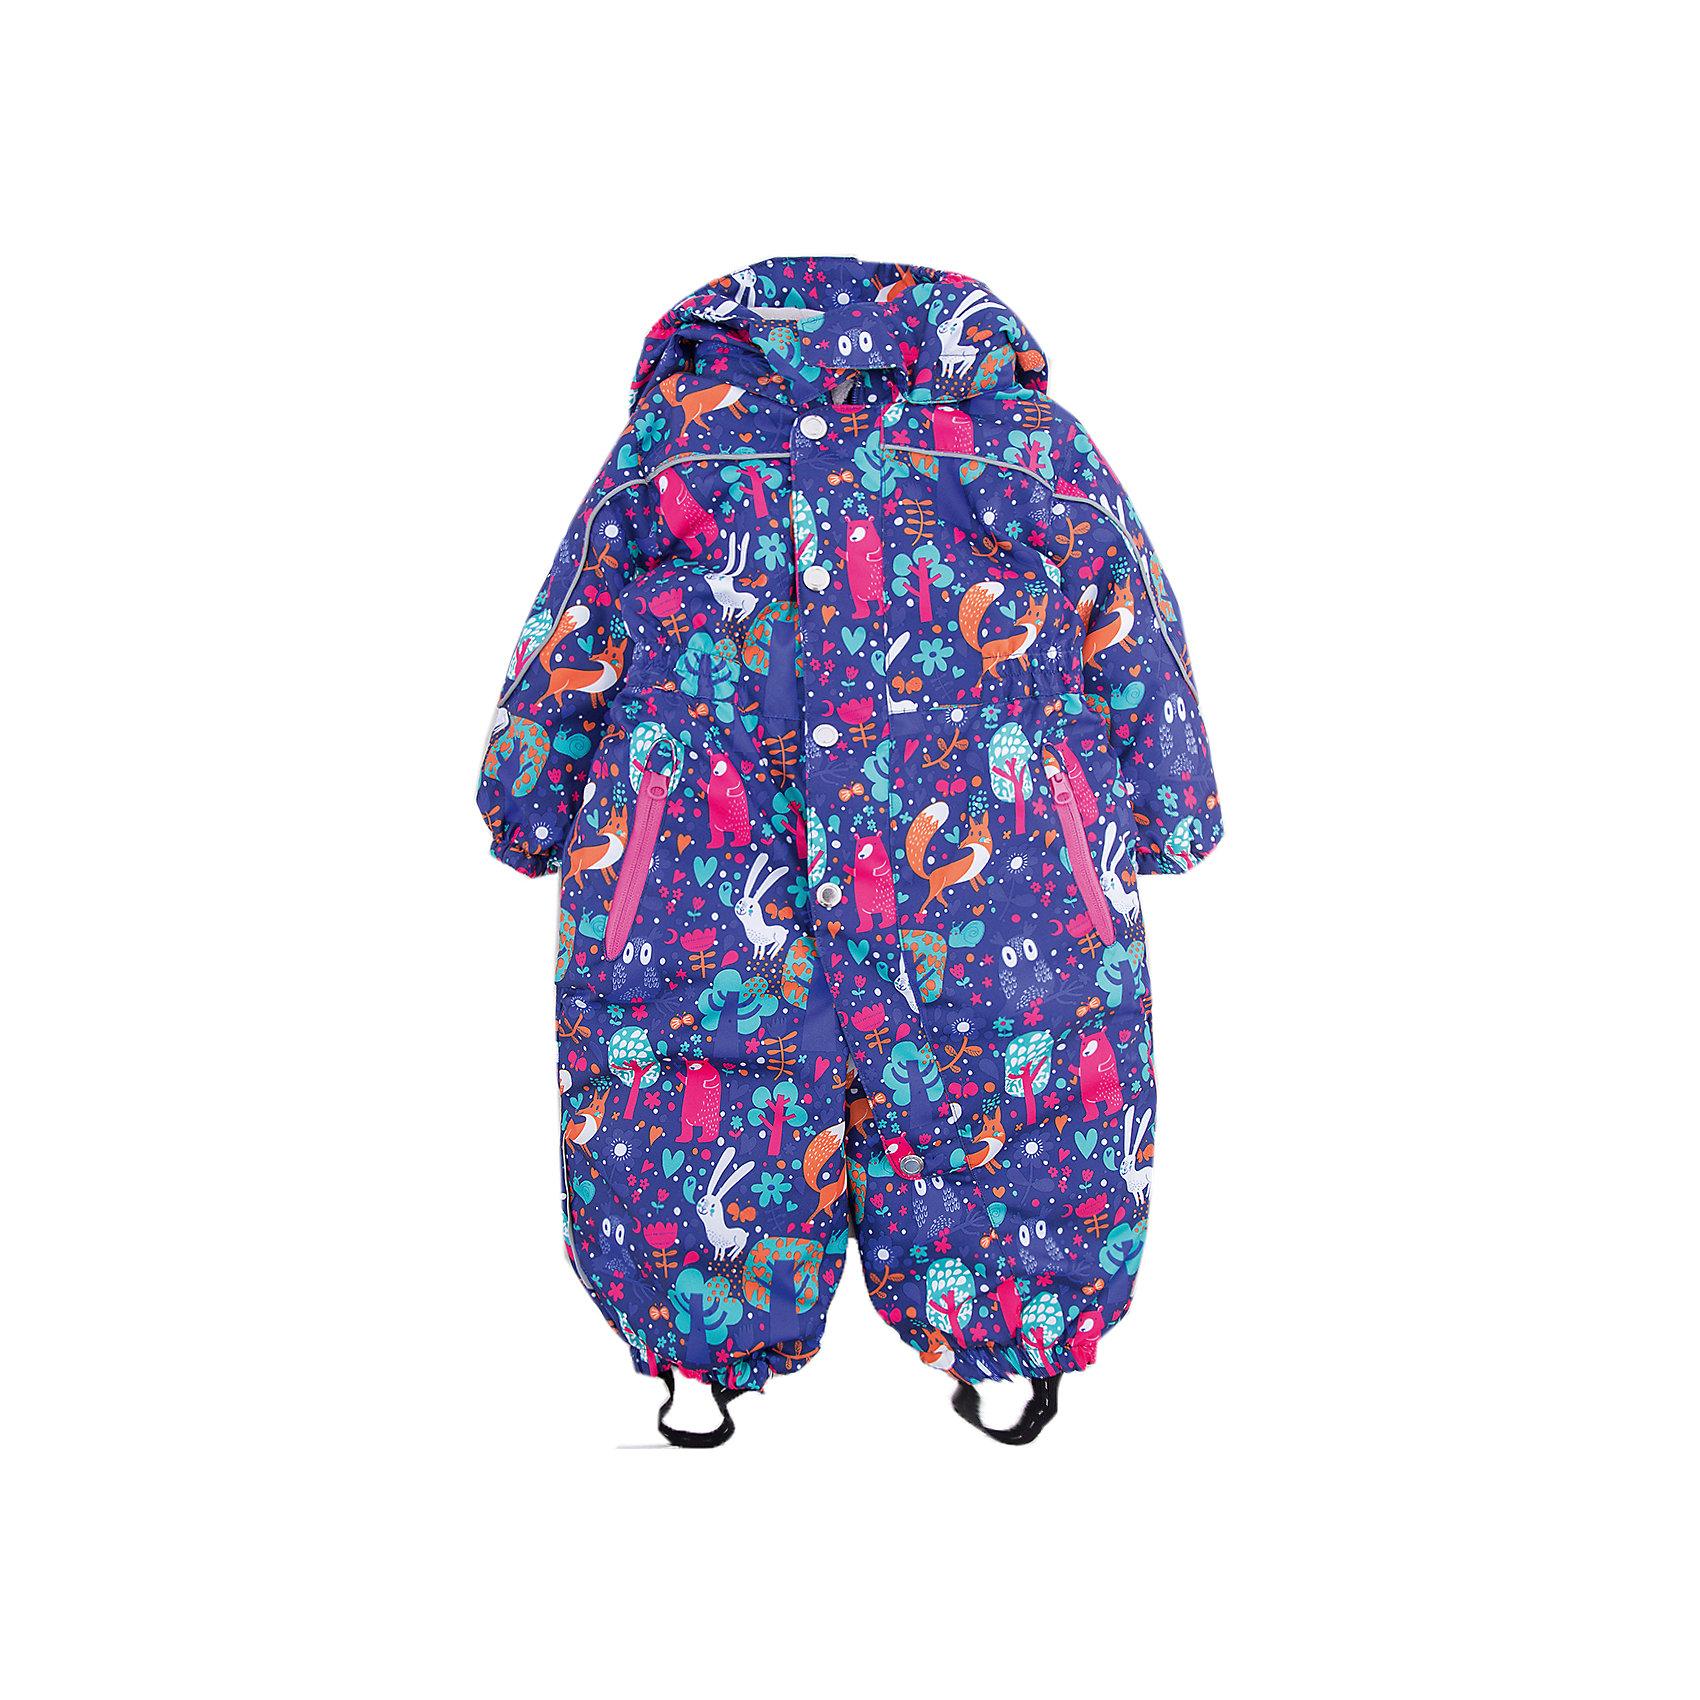 Комбинезон Санни OLDOS для девочкиВерхняя одежда<br>Характеристики товара:<br><br>• цвет: фиолетовый<br>• состав ткани: полиэстер<br>• подкладка: флис, гладкий полиэстер<br>• утеплитель: Hollofan <br>• сезон: зима<br>• мембранное покрытие<br>• температурный режим: от -30 до 0<br>• водонепроницаемость: 2000 мм <br>• паропроницаемость: 2000 г/м2<br>• плотность утеплителя: 300 г/м2<br>• застежка: молния<br>• капюшон: без меха, съемный<br>• силиконовые штрипки<br>• страна бренда: Россия<br>• страна изготовитель: Россия<br><br>Детский зимний комбинезон создан с применением мембранной технологии, поэтому рассчитан и на очень холодную погоду. Удобный зимний комбинезон дополнен резинкой в талии для лучшей посадки. Такой комбинезон для девочки отлично защищает ребенка от попадания снега внутрь. <br><br>Комбинезон Санни Oldos (Олдос) для девочки можно купить в нашем интернет-магазине.<br><br>Ширина мм: 356<br>Глубина мм: 10<br>Высота мм: 245<br>Вес г: 519<br>Цвет: лиловый<br>Возраст от месяцев: 18<br>Возраст до месяцев: 24<br>Пол: Женский<br>Возраст: Детский<br>Размер: 92,80,86<br>SKU: 7016304